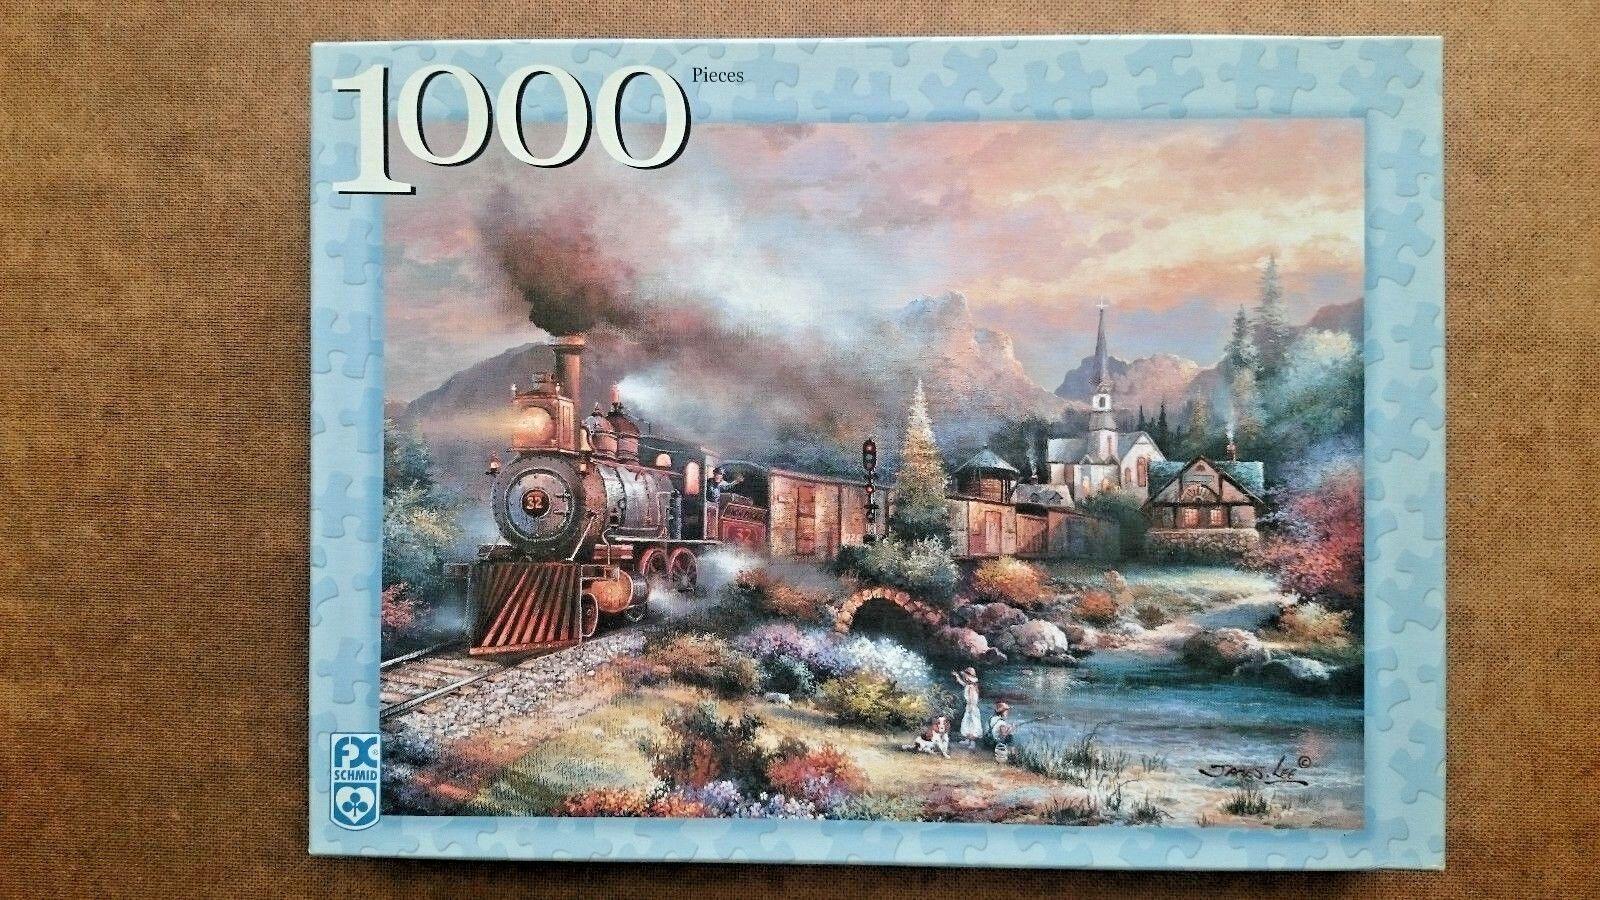 Maryland Mountain Express 1000 Piece Jigsaw By FX Schmid 2001